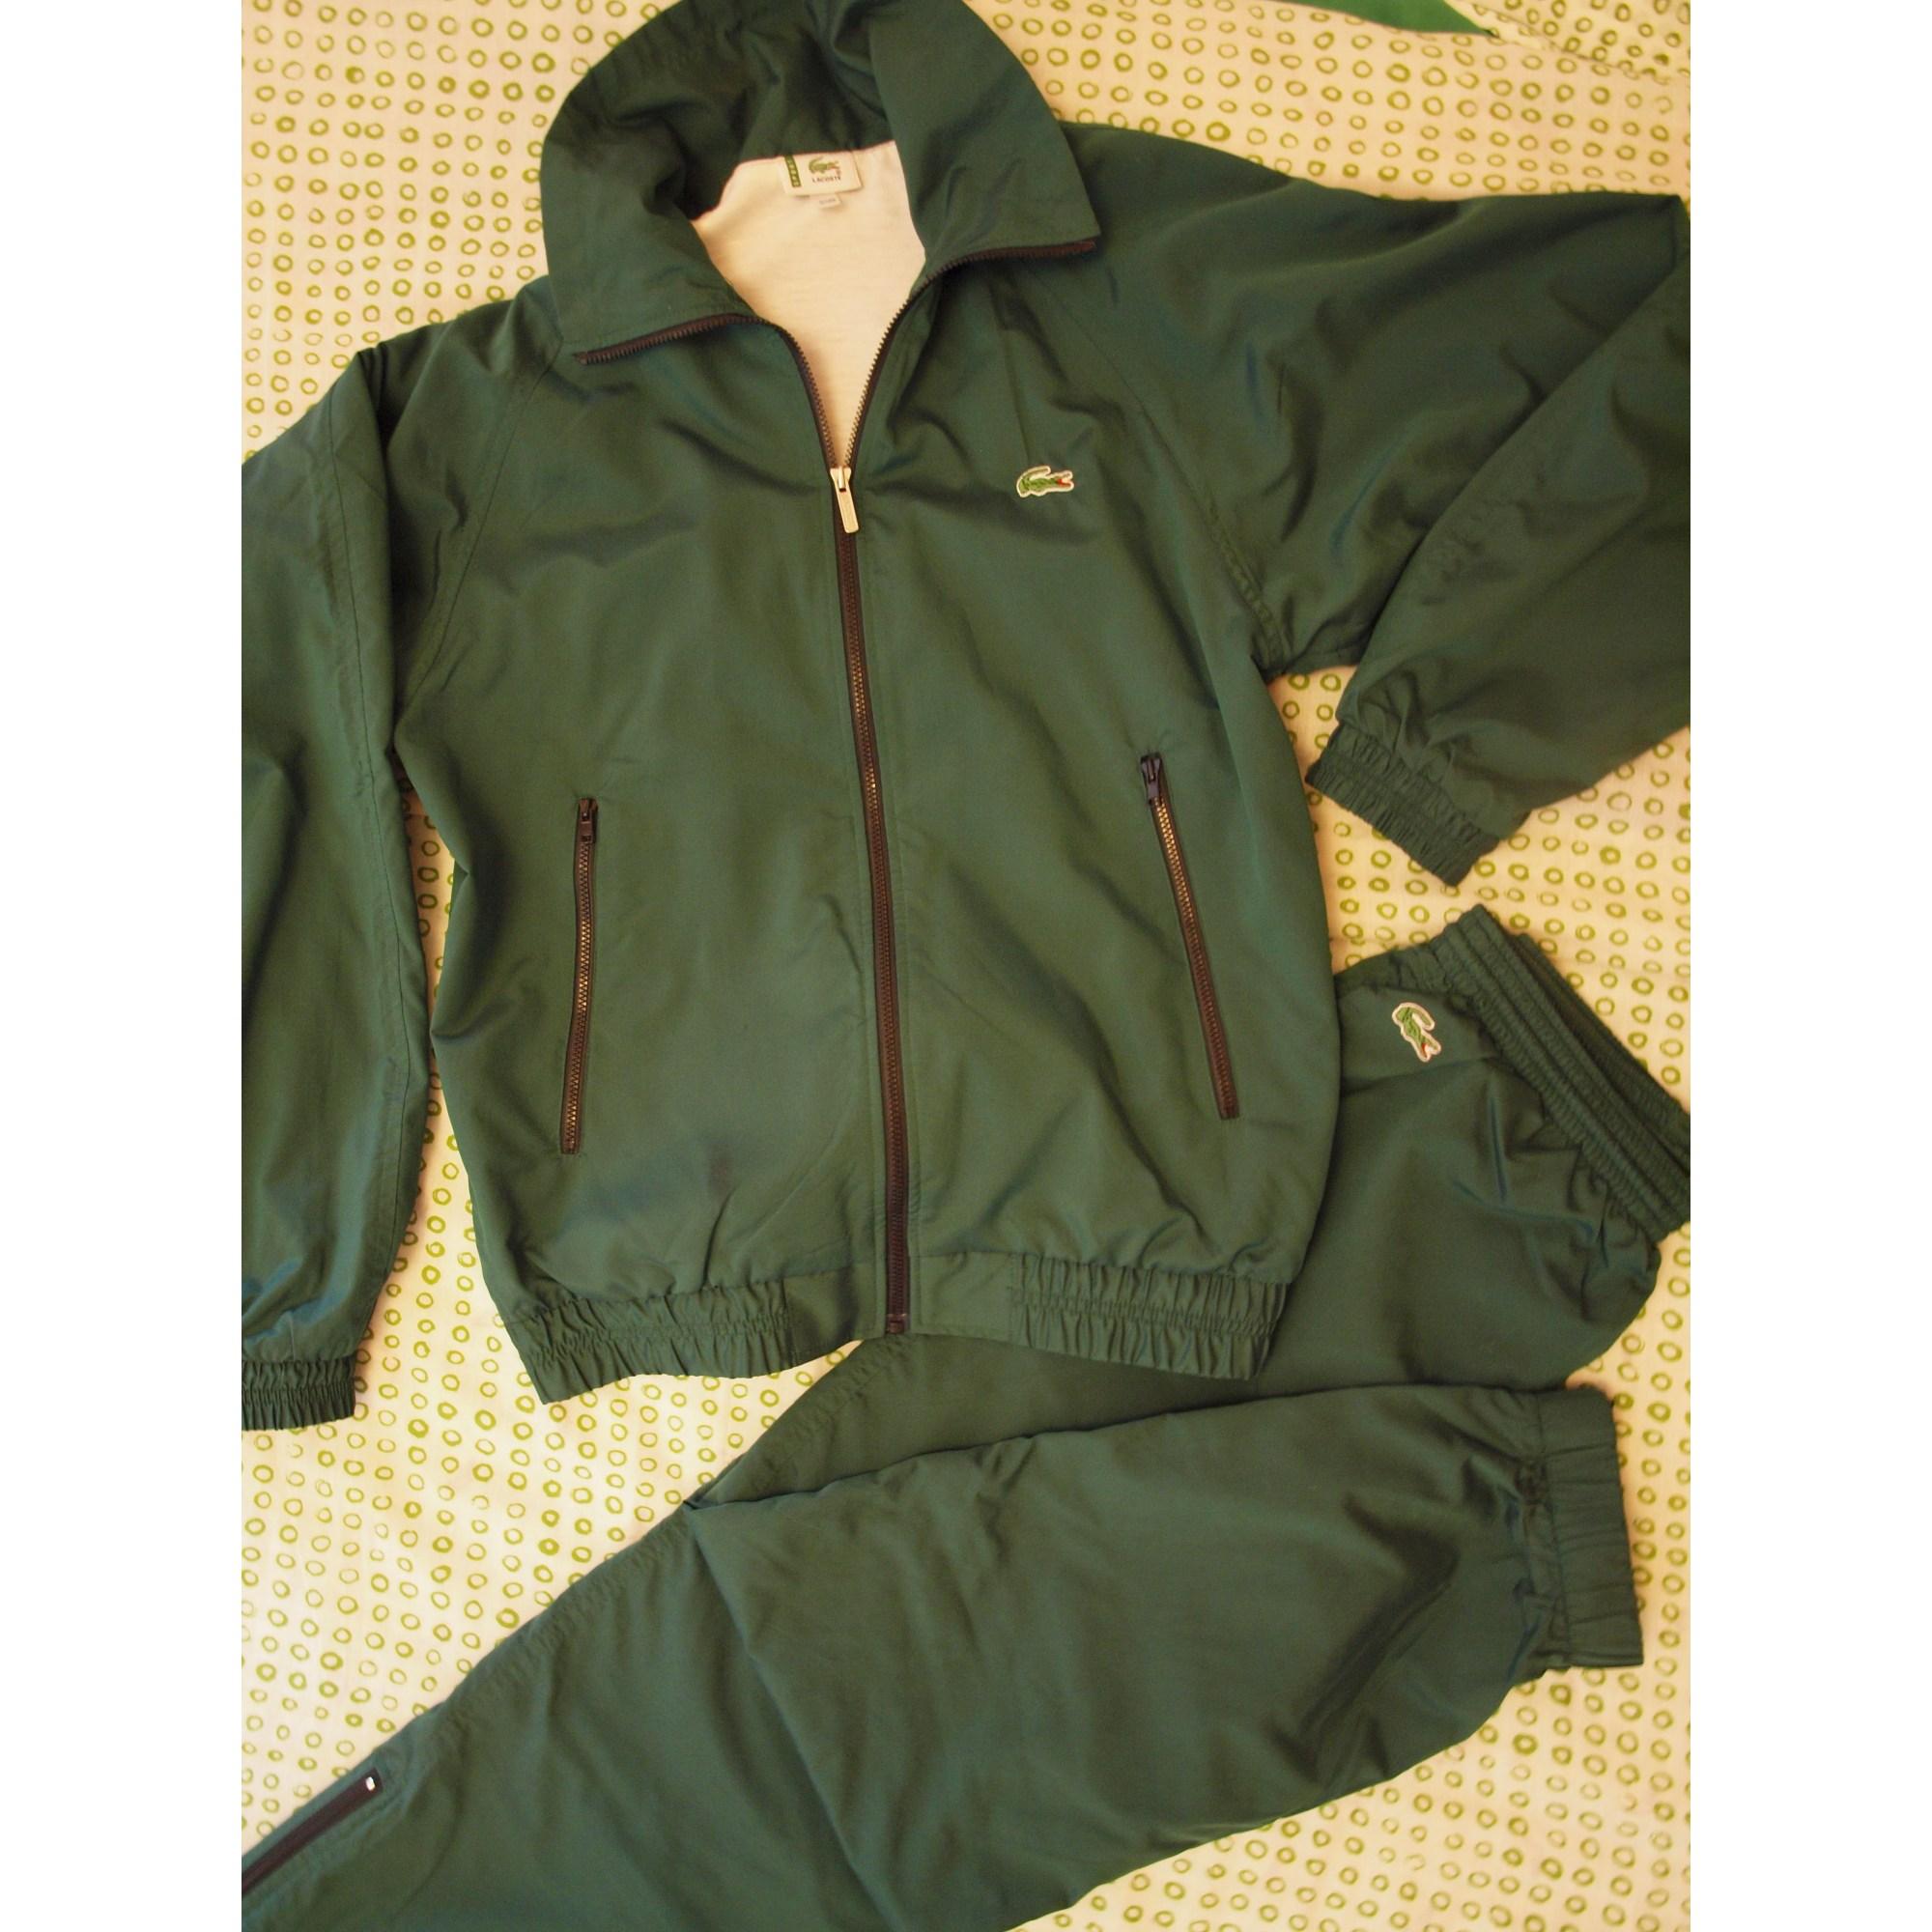 78a7b8a5b4 Ensemble jogging LACOSTE Autre vert foncé vendu par Shopname47488 ...